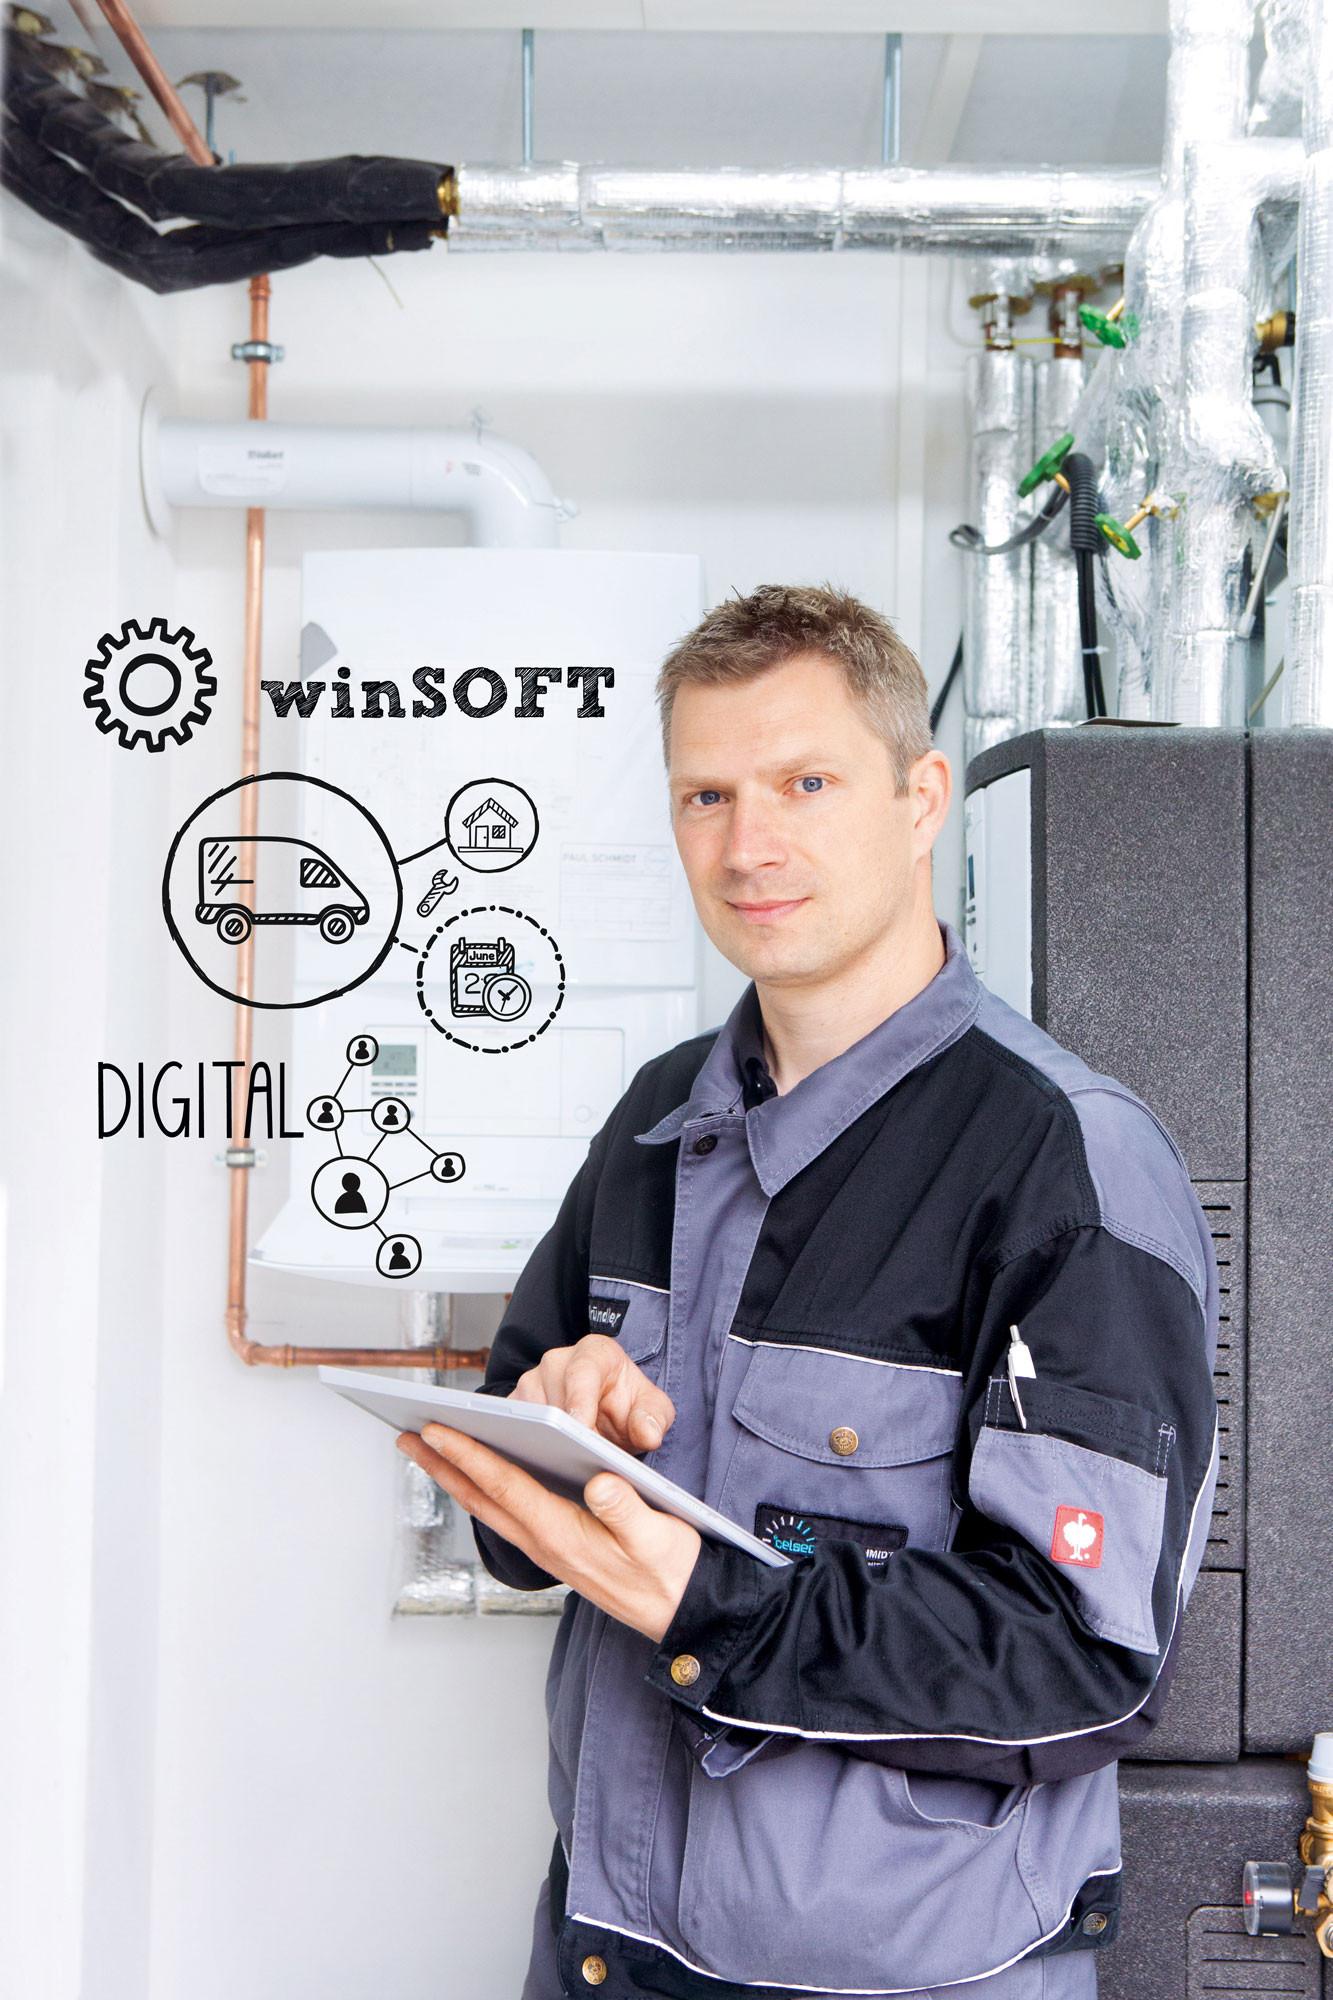 Digitalisierung Handwerk  Digitalisierung im Handwerk